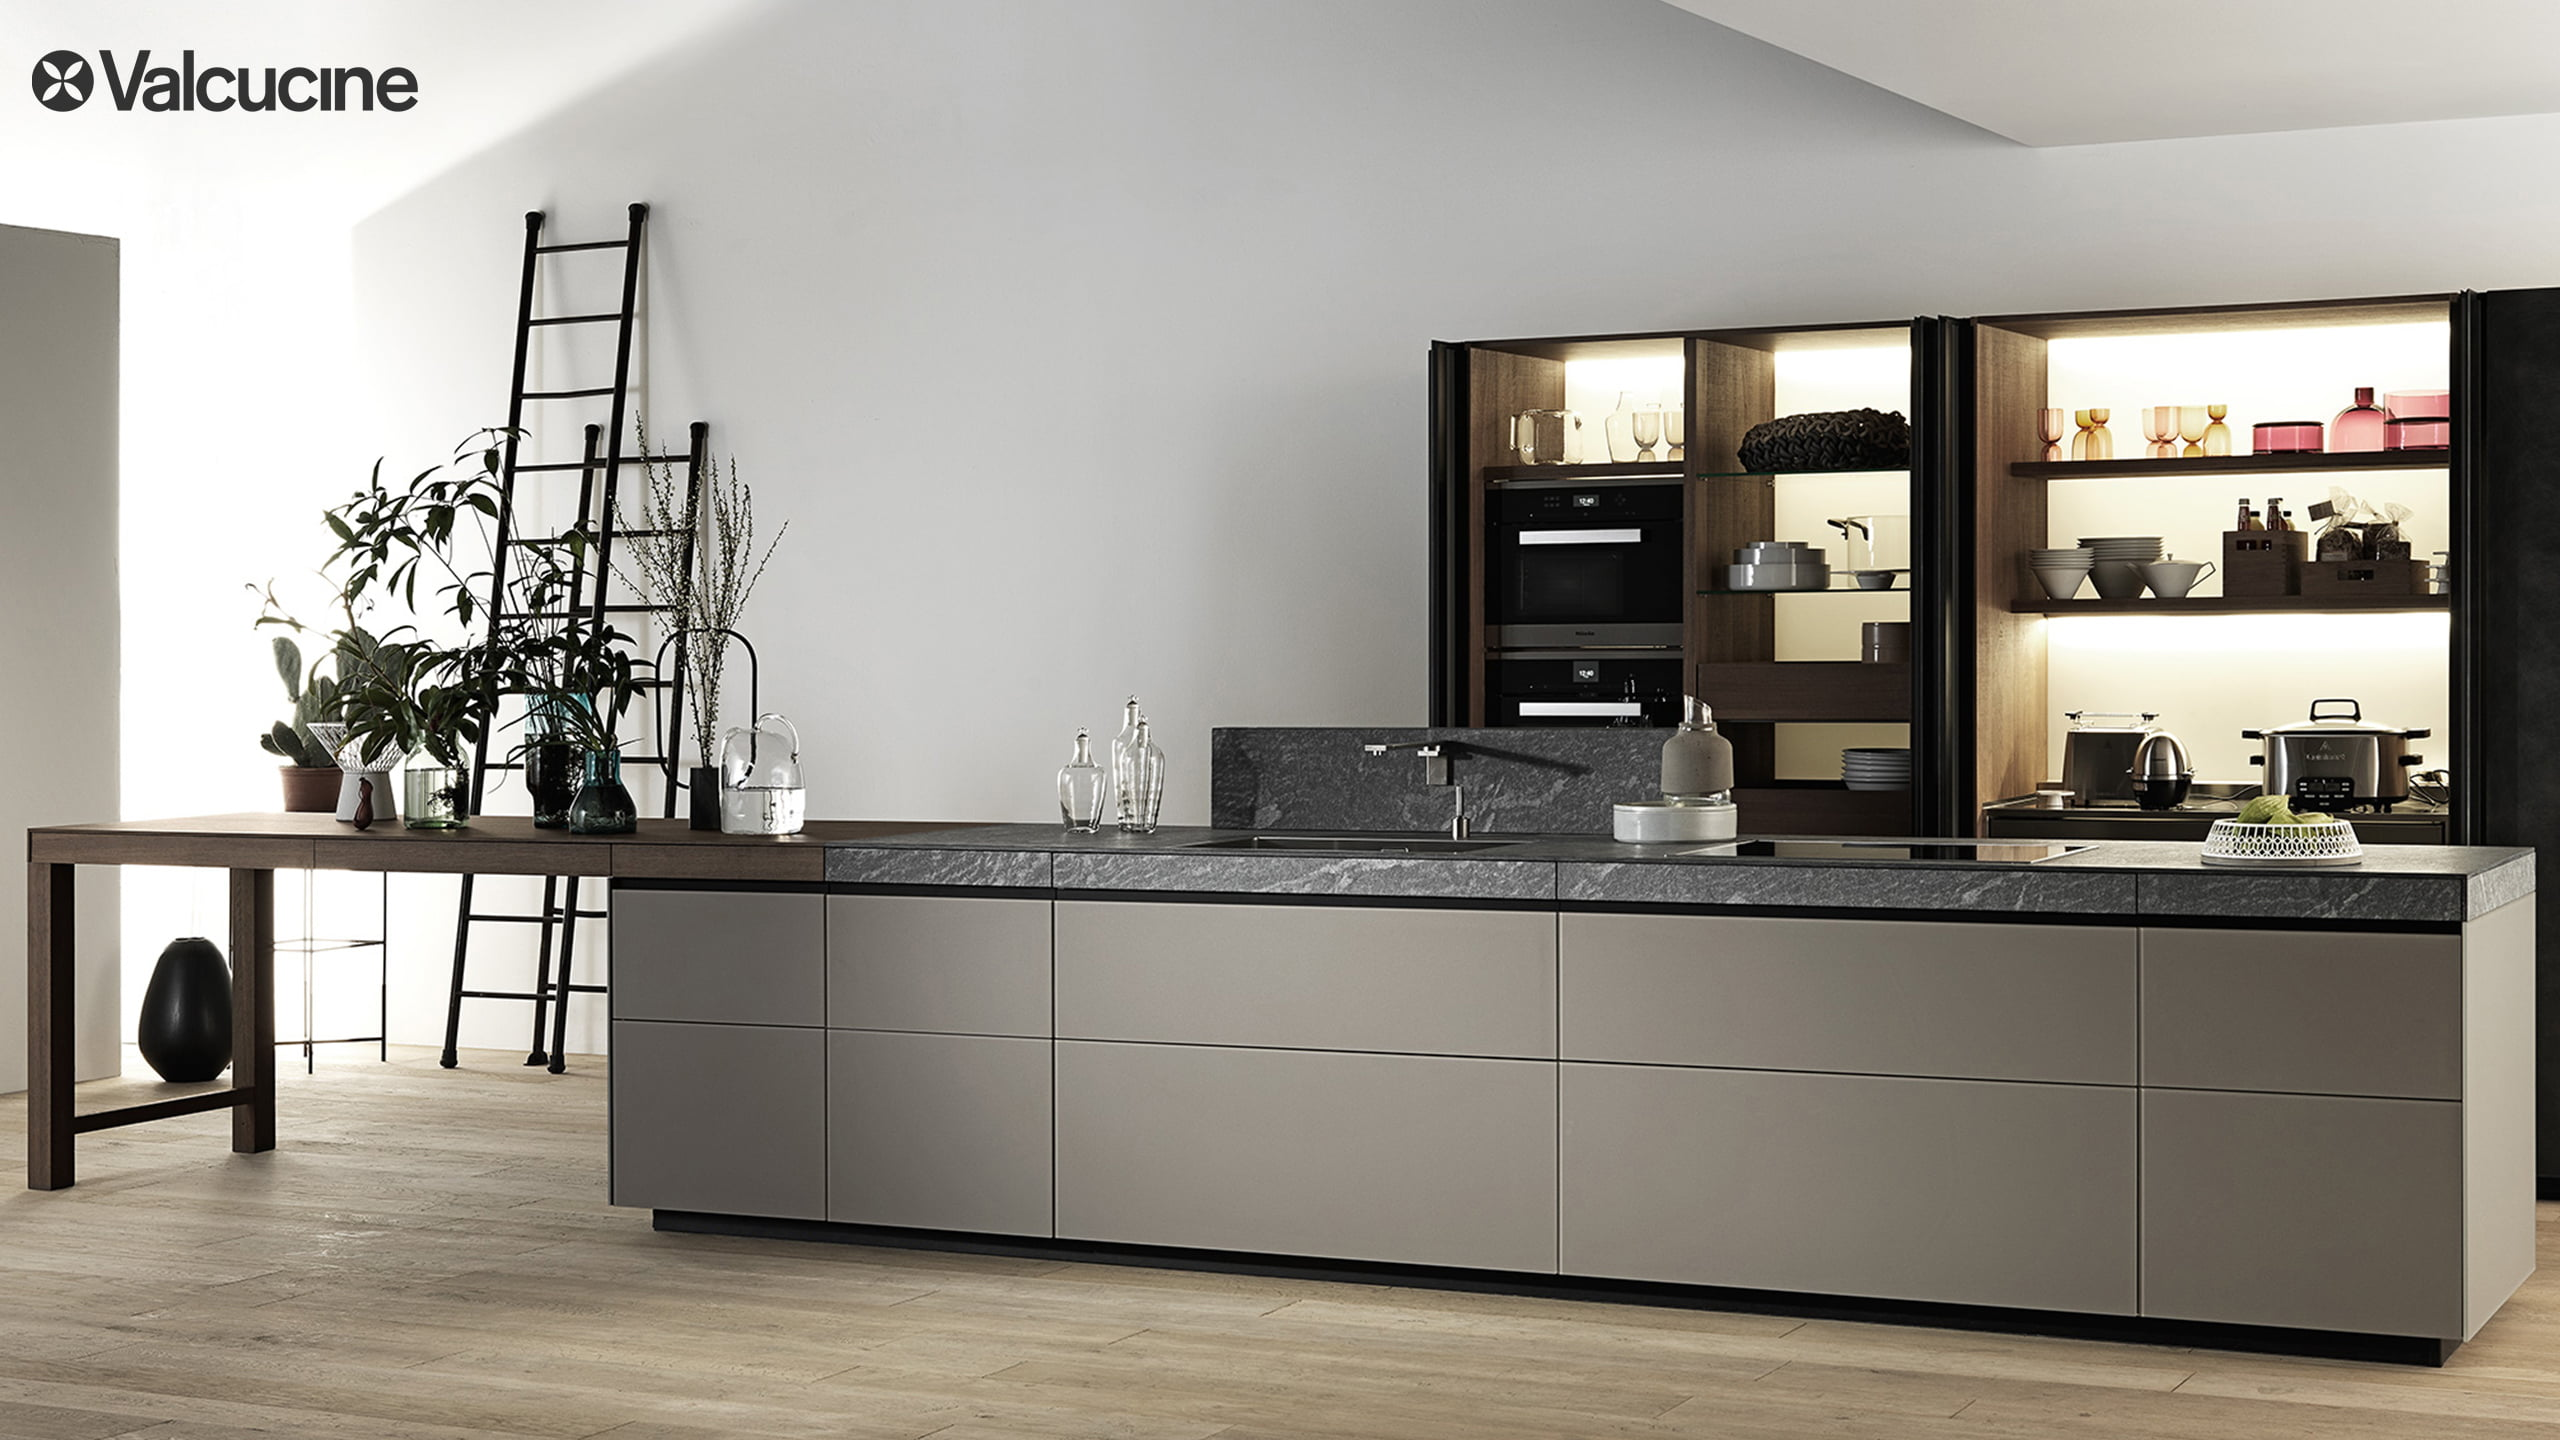 valcucine küchen designs vorgestellt im küchen staude magazin